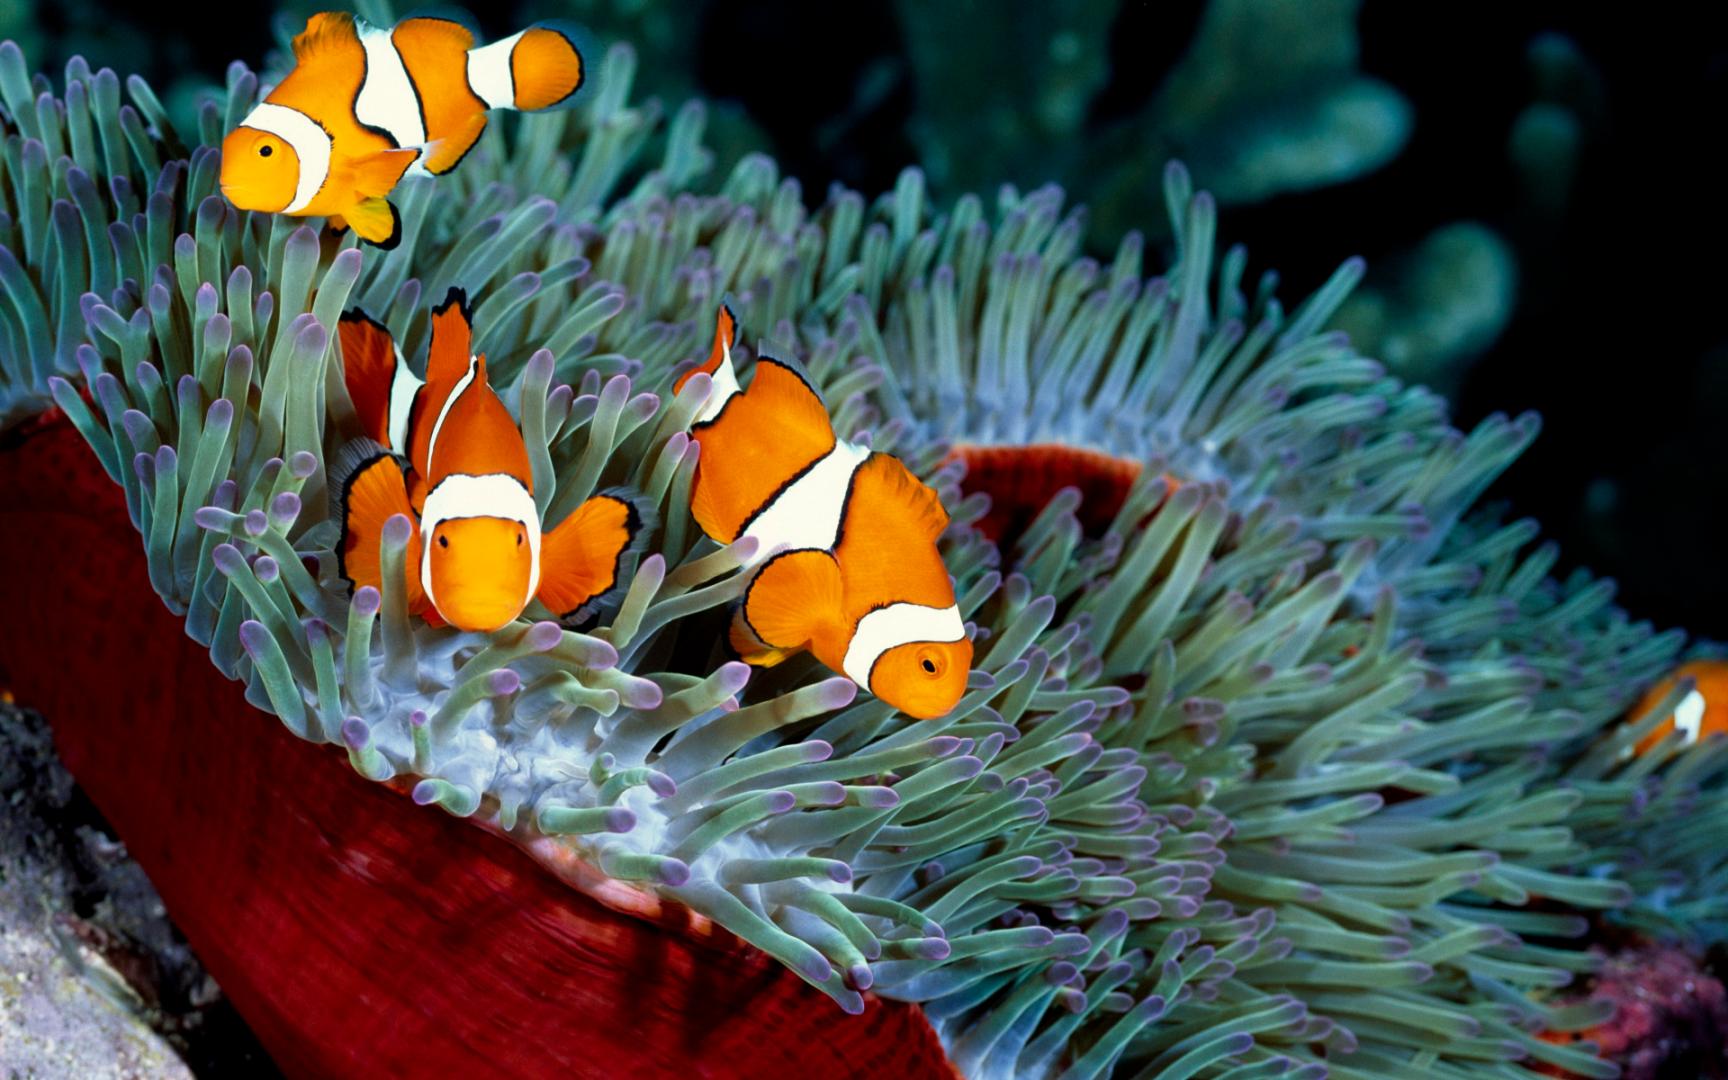 Рыба клоун обои, красивые обои животные милые, 1920 на 1200 пикселей